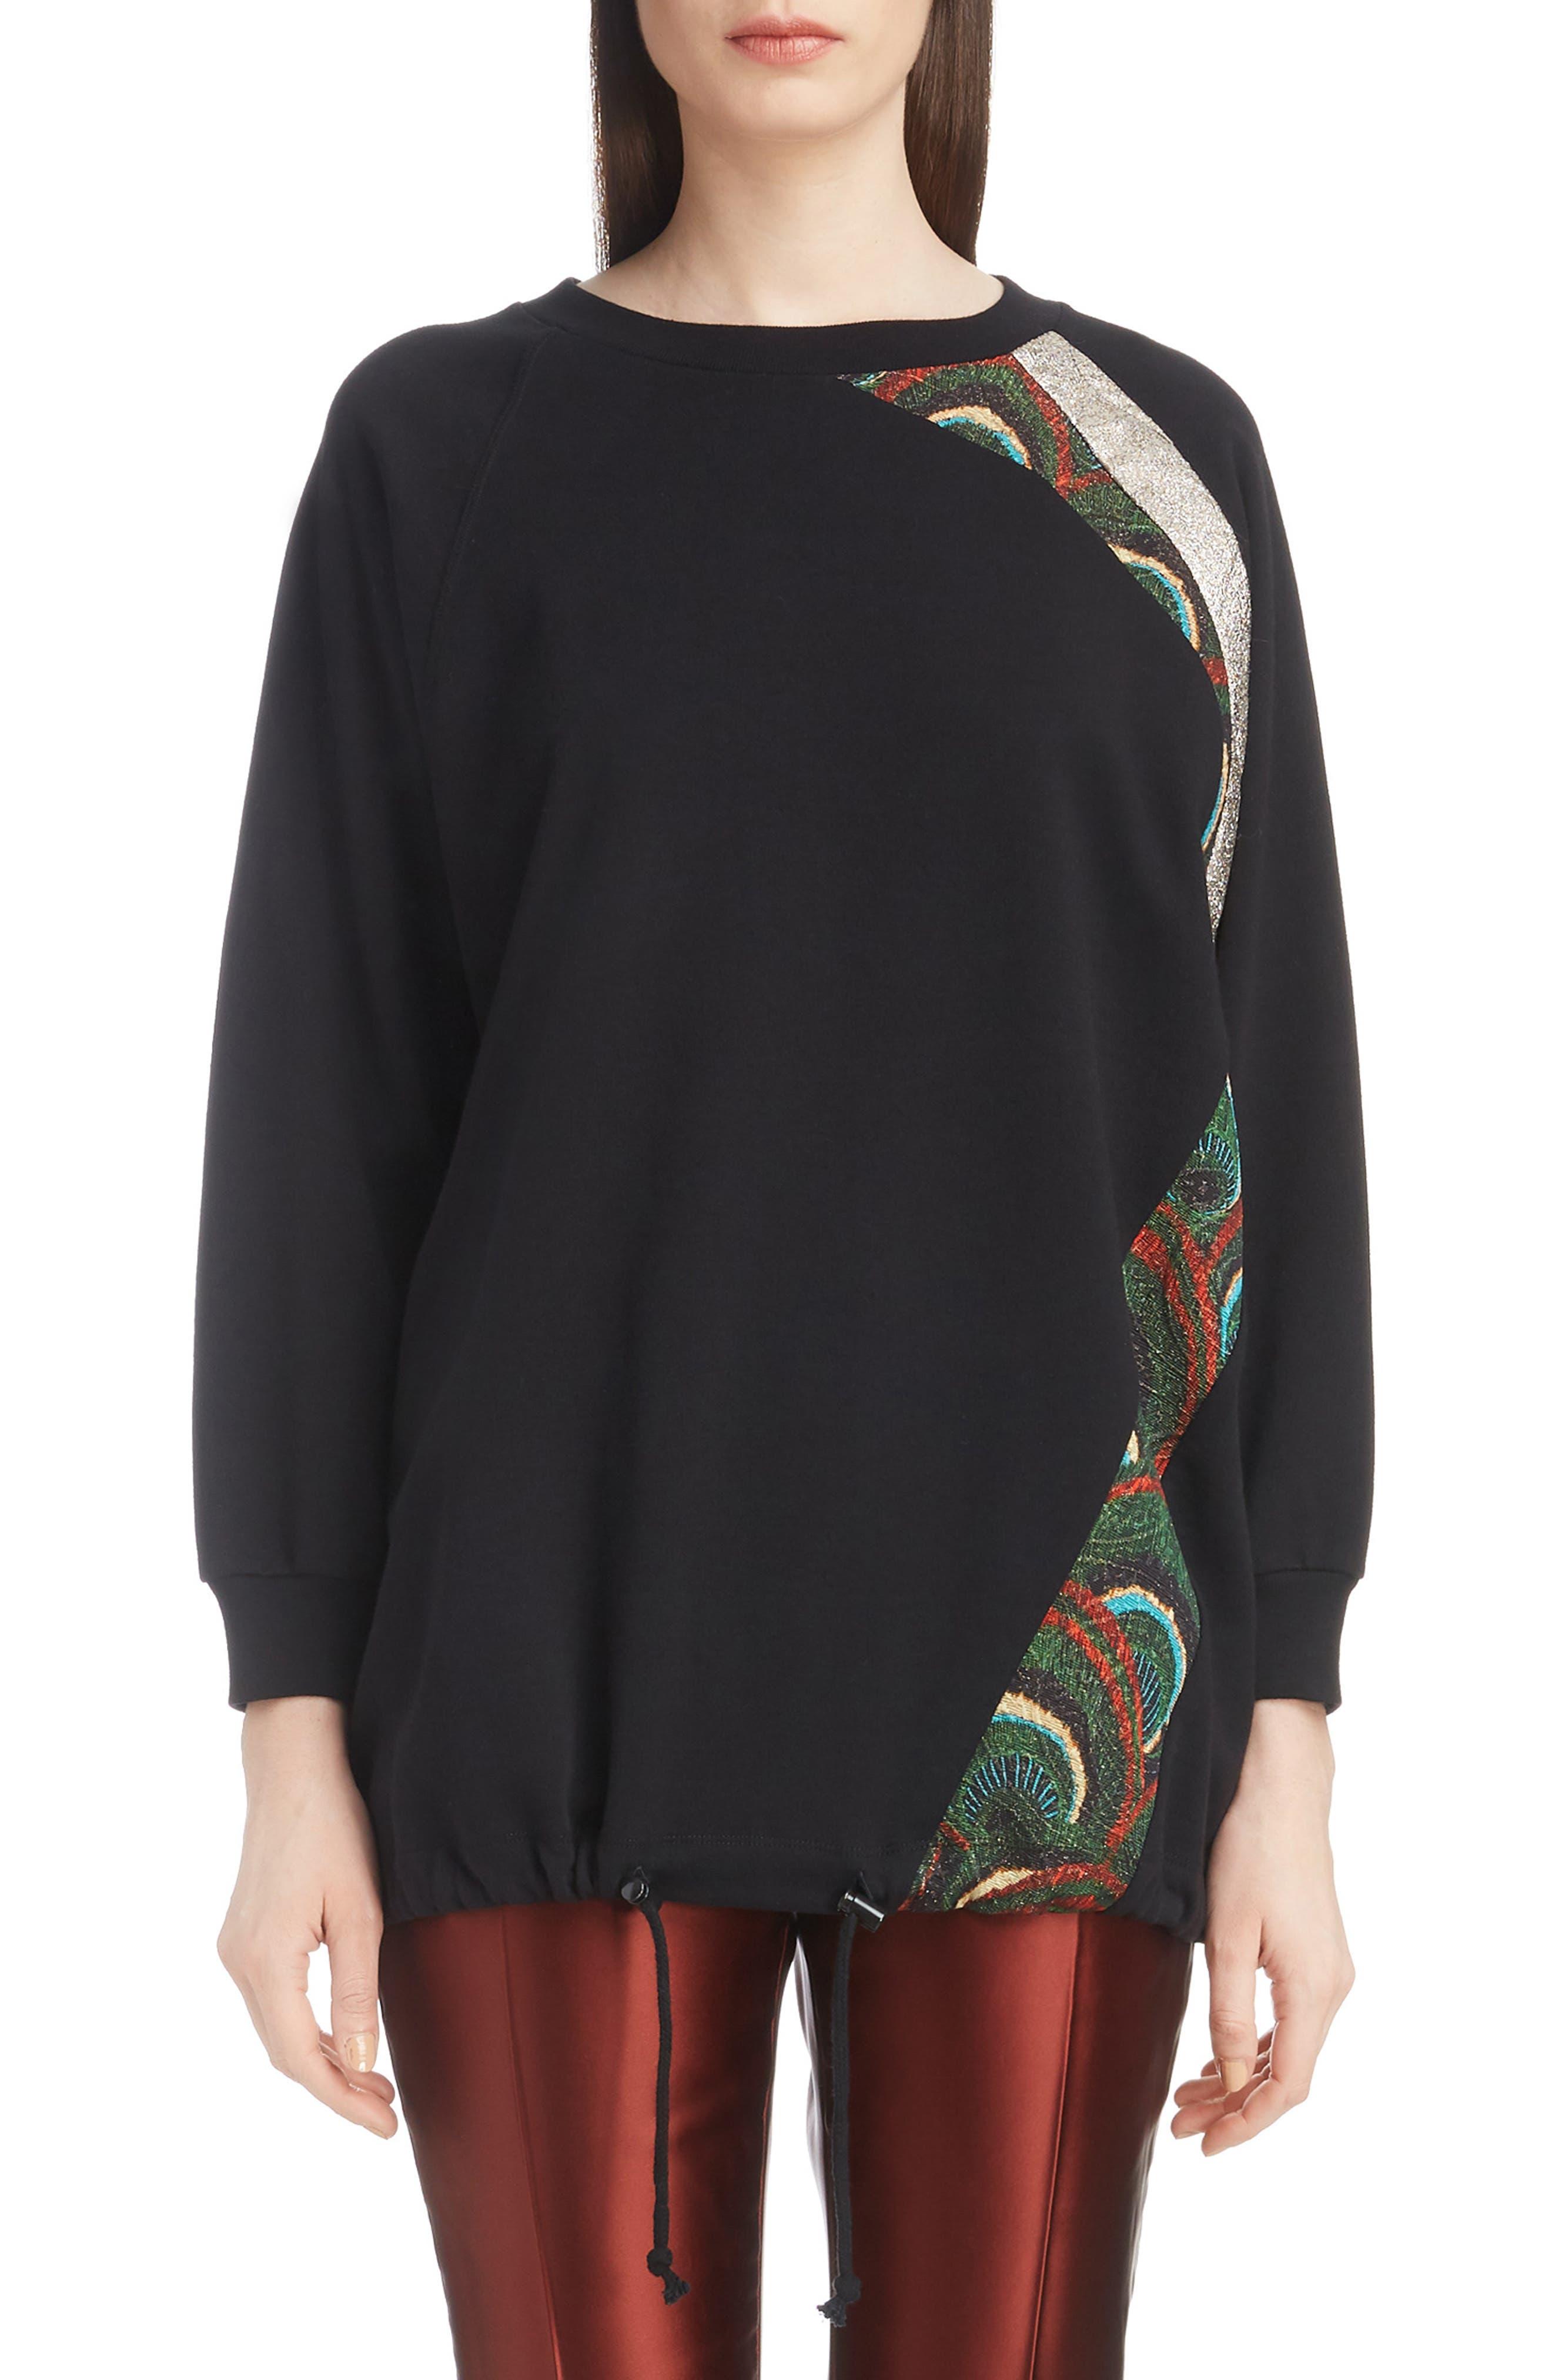 Dries Van Noten Metallic & Peacock Inset Sweatshirt, Black